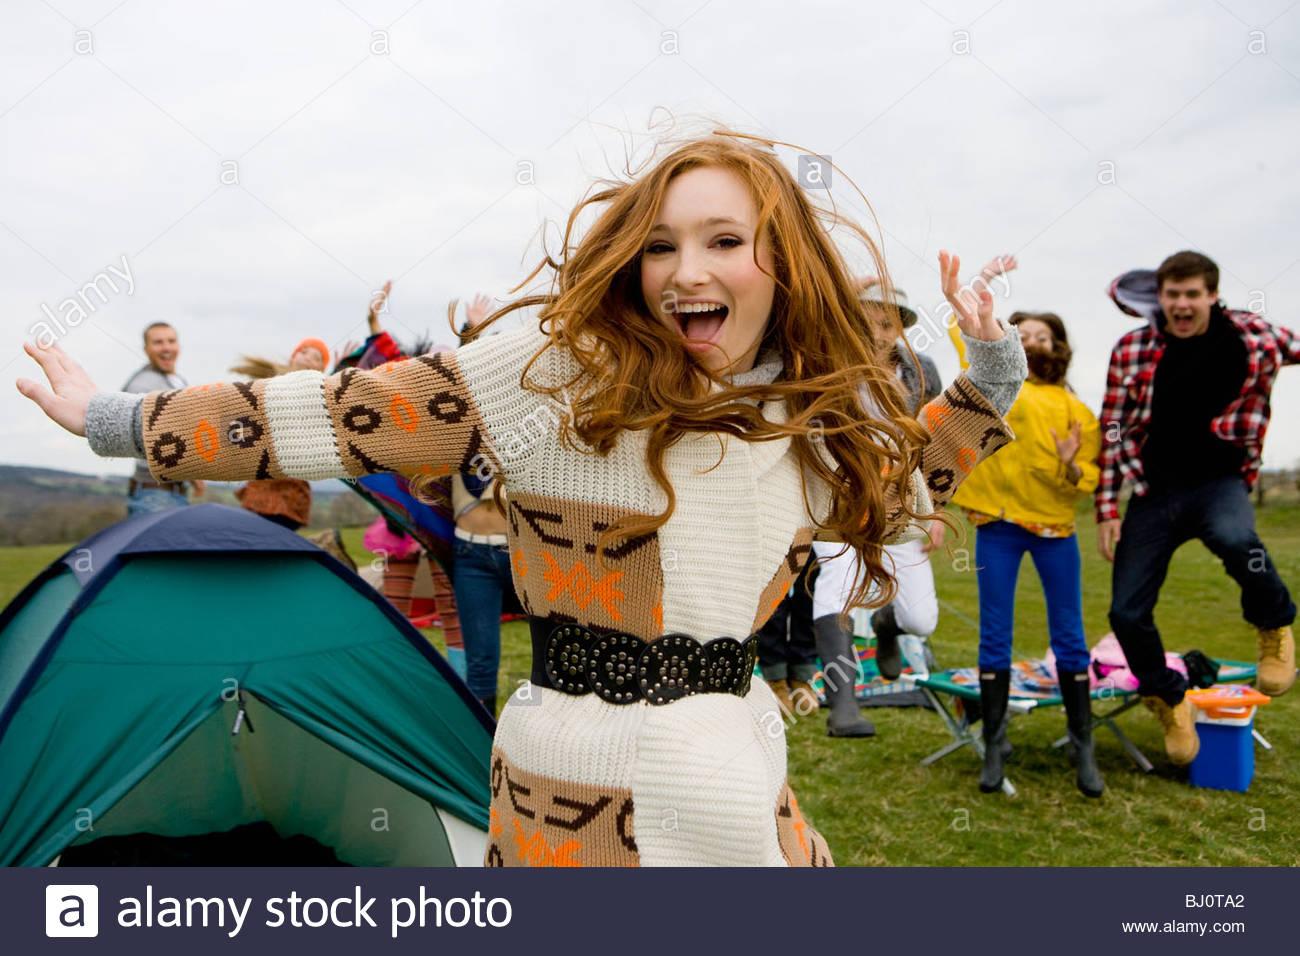 Amis excité et camping festival en plein air Photo Stock